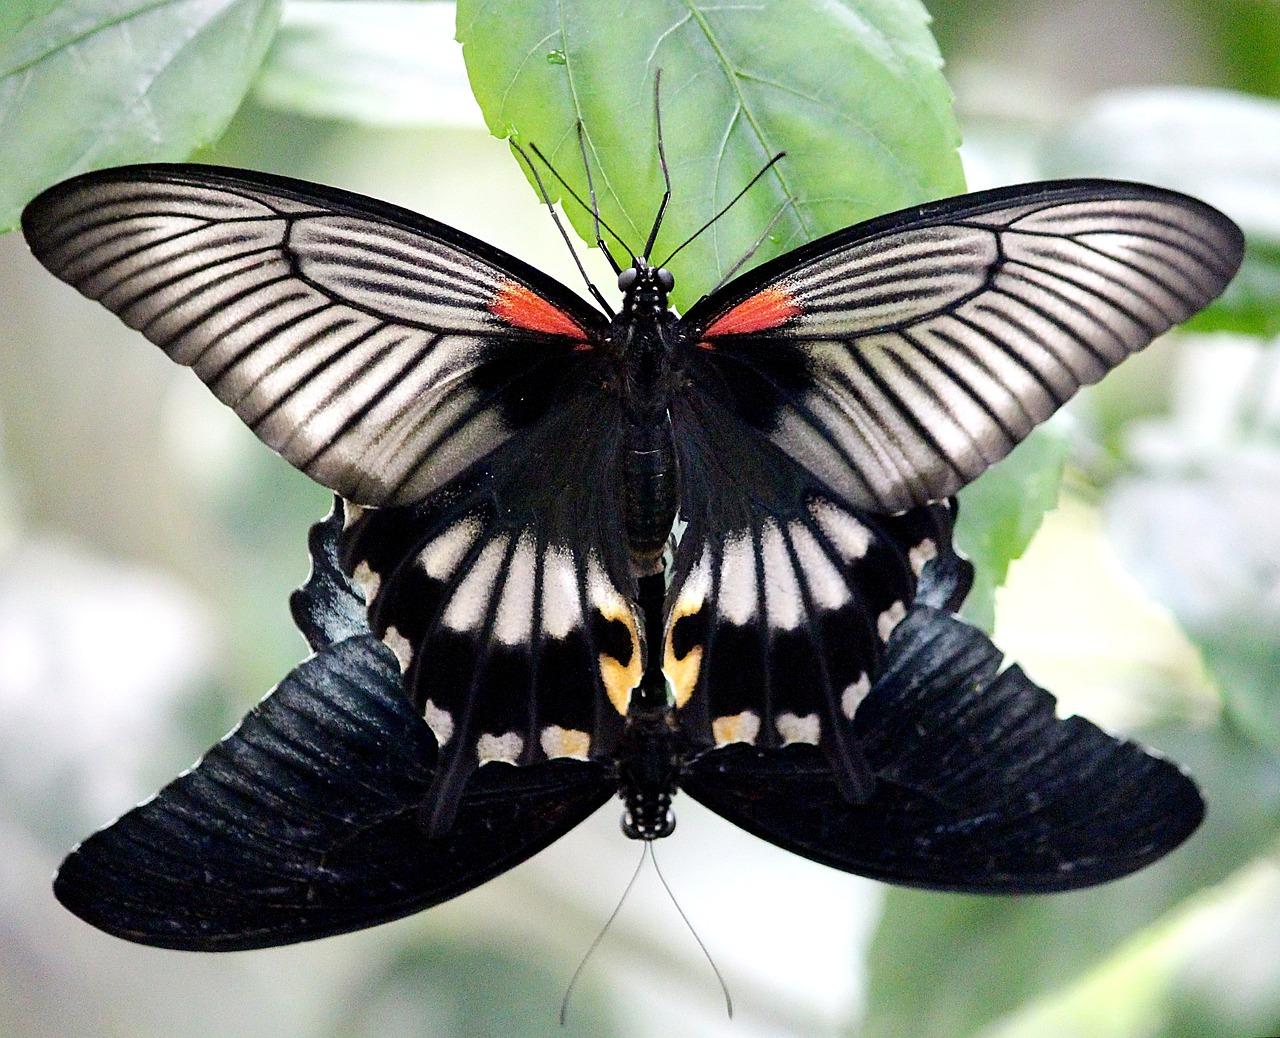 已知蝴蝶的性别决定为ZW型,有一种极为罕见的阴阳蝶... -组卷网